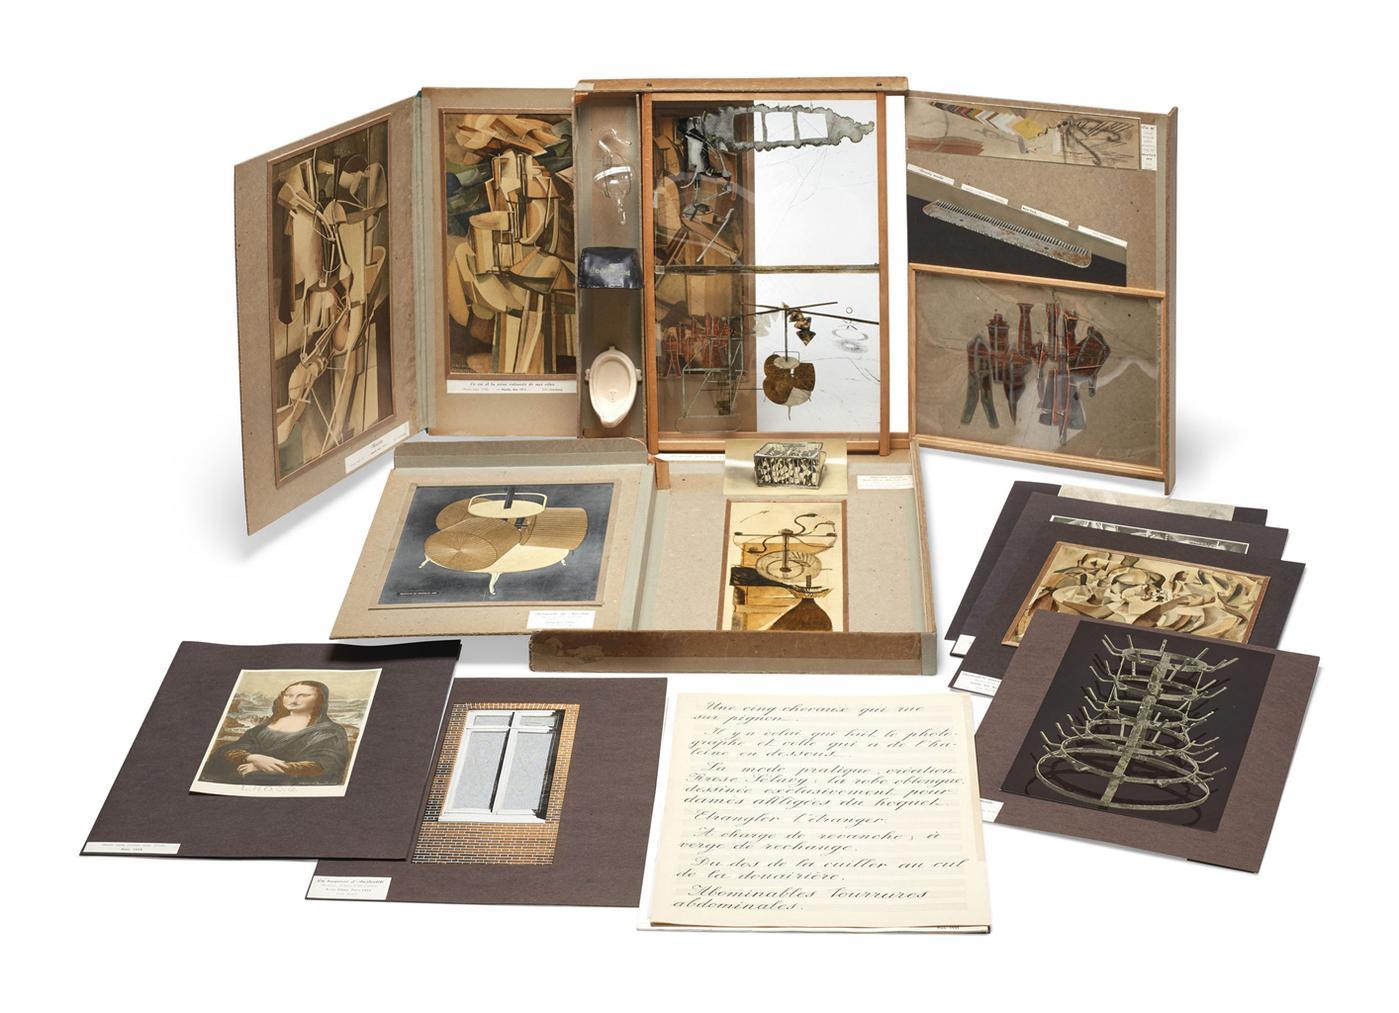 Marcel Duchamp-De Ou Par Marcel Duchamp Ou Rrose Selavy (La Boite En Valise), Series B-